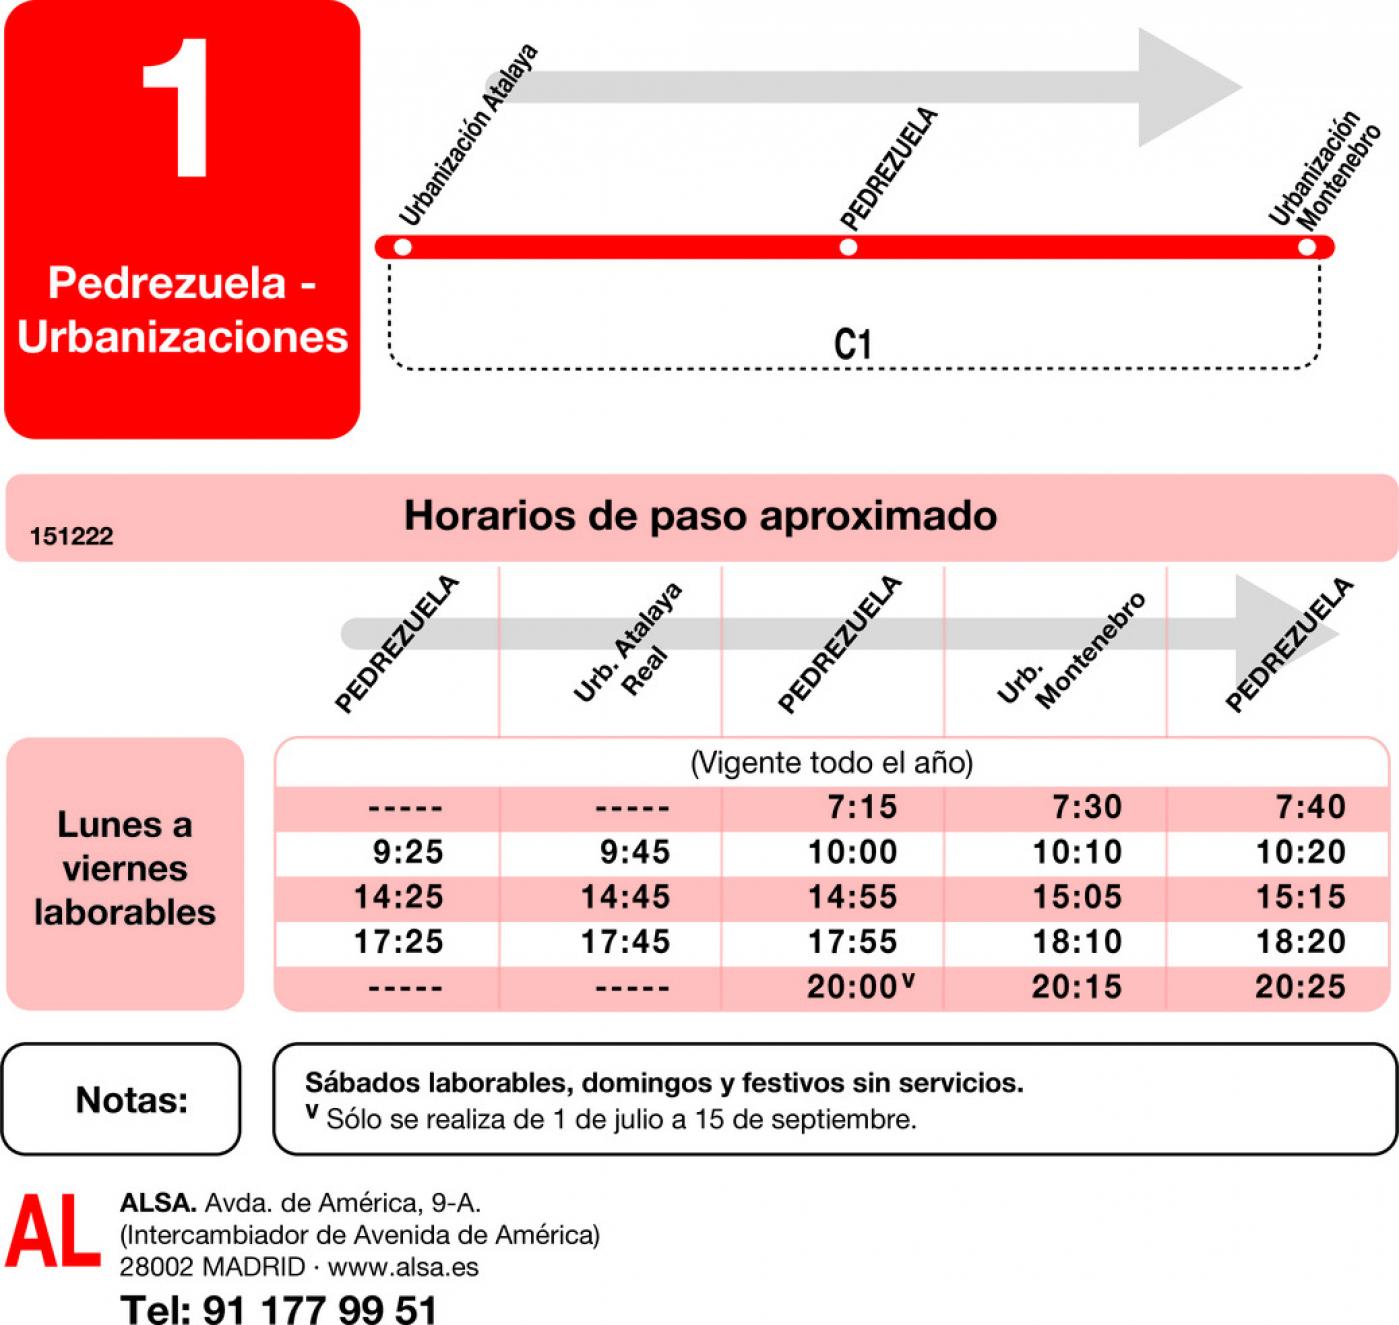 Tabla de horarios y frecuencias de paso en sentido ida Línea L-1 Pedrezuela: Pedrezuela - Urbanizaciones